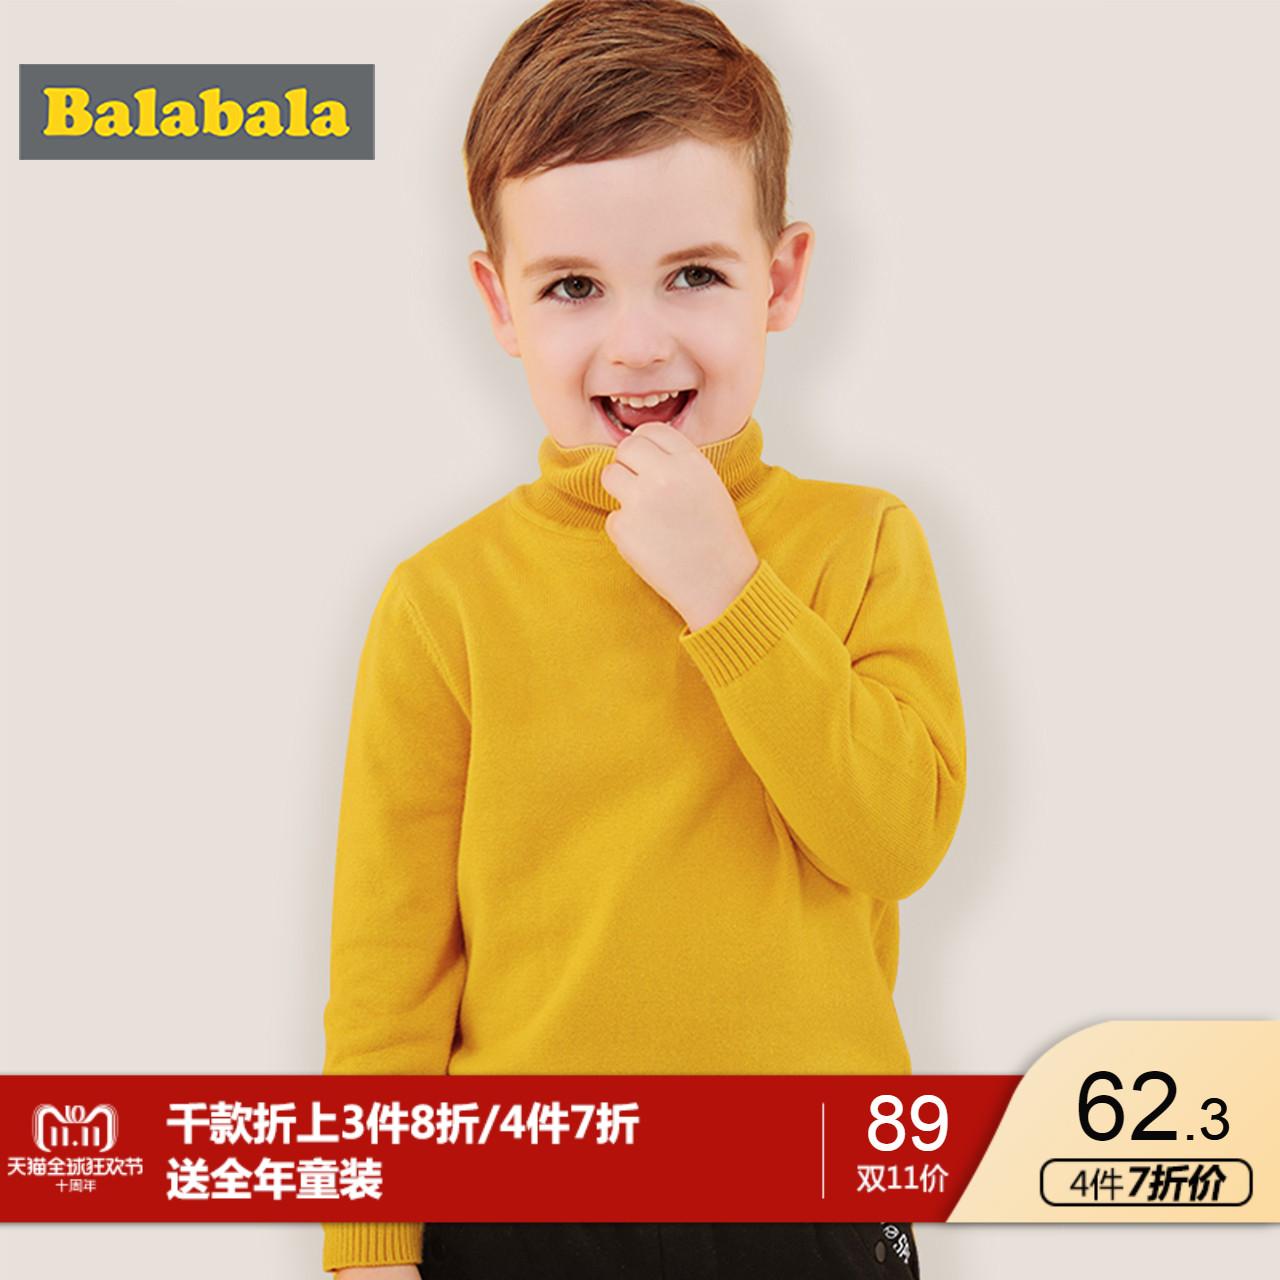 巴拉巴拉男童毛衣宝宝针织衫冬季2018新款儿童套头线衣高领上衣男